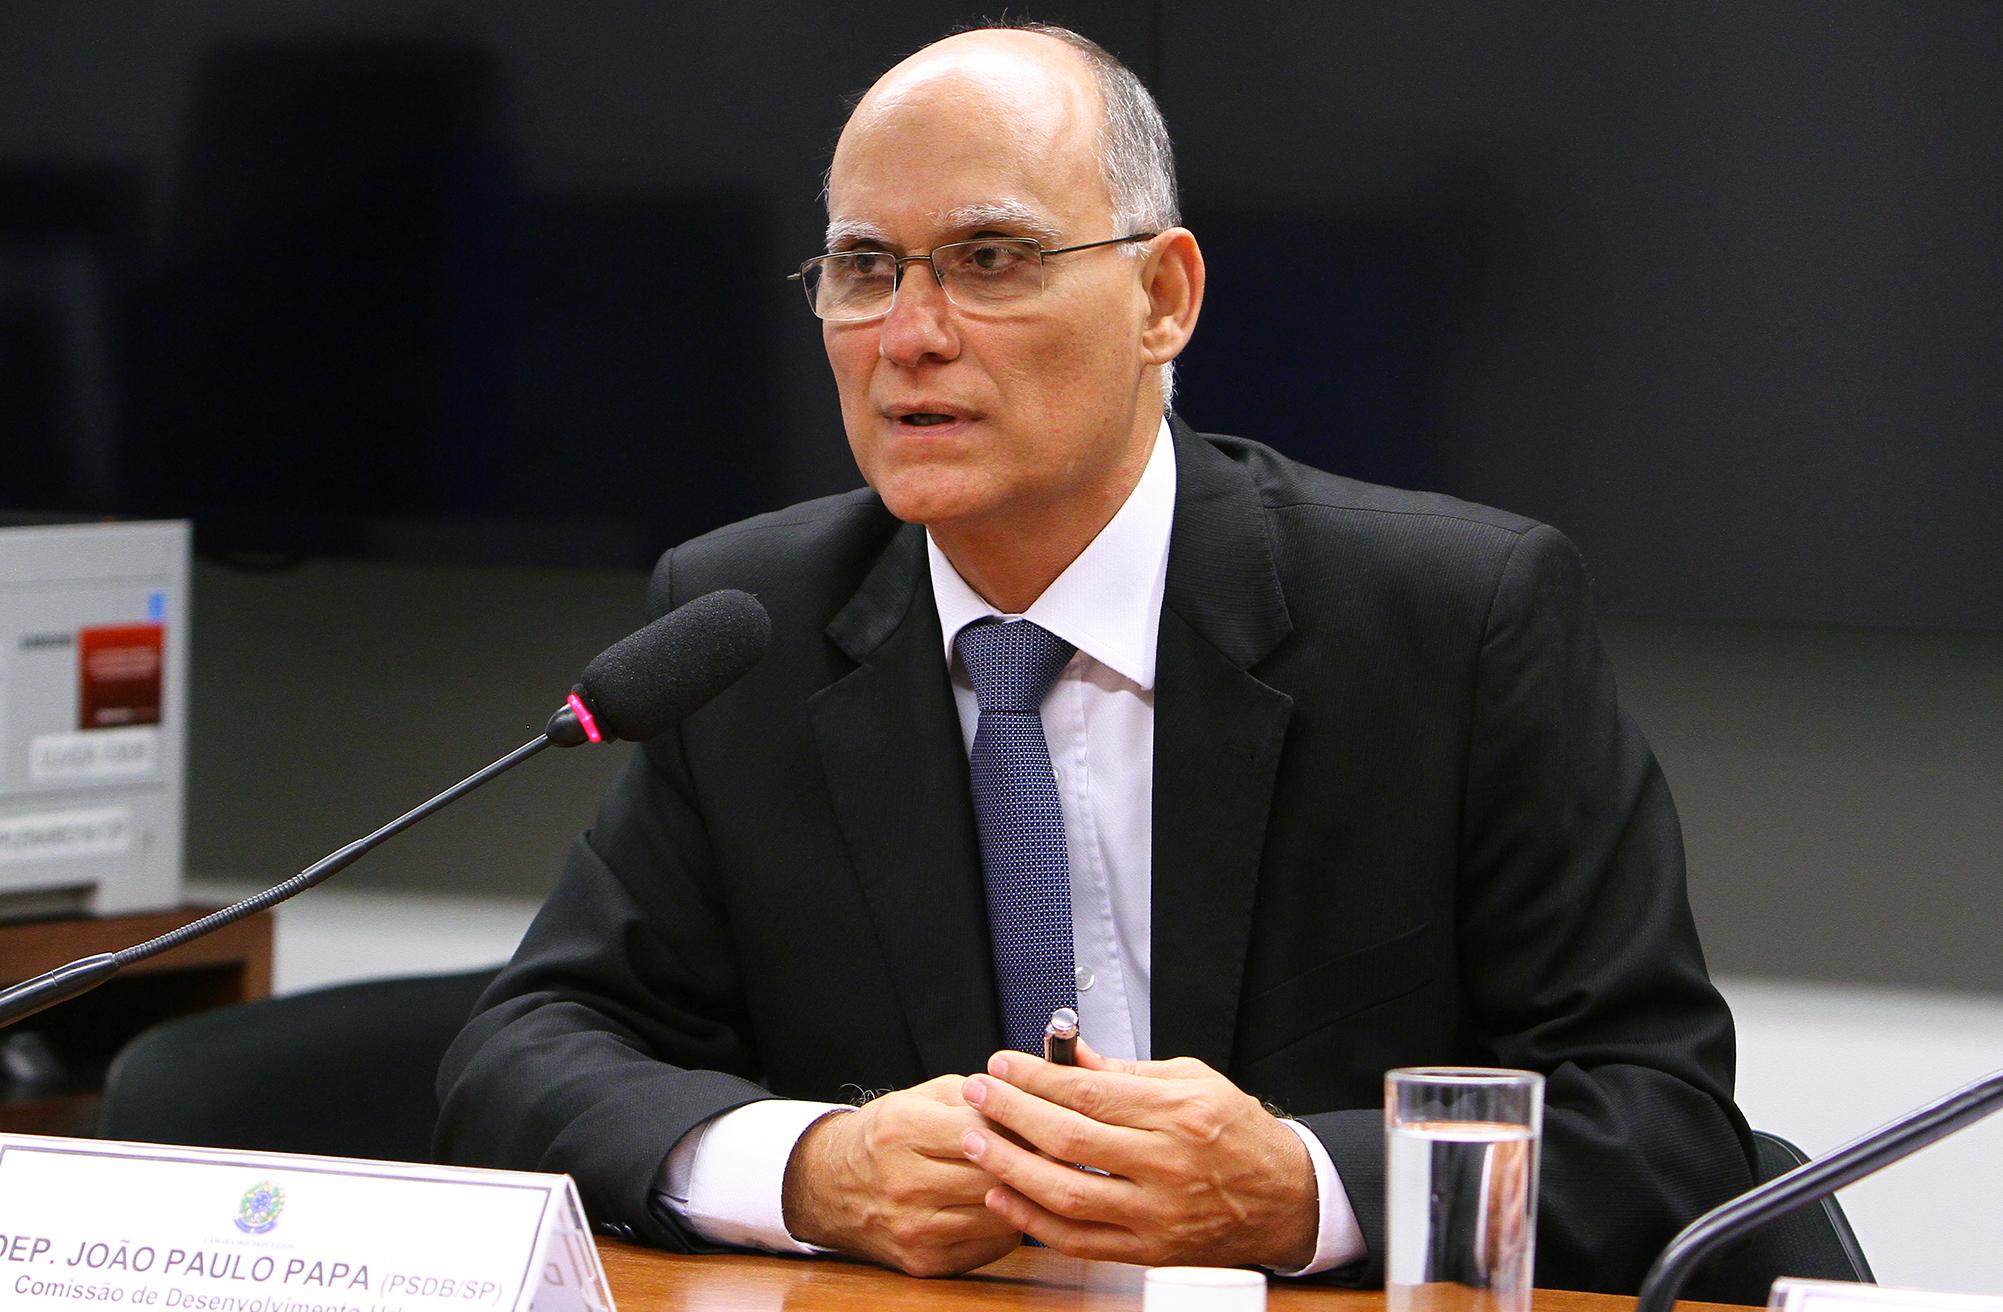 Reunião Ordinária. Dep. João Paulo Papa (PSDB - SP)